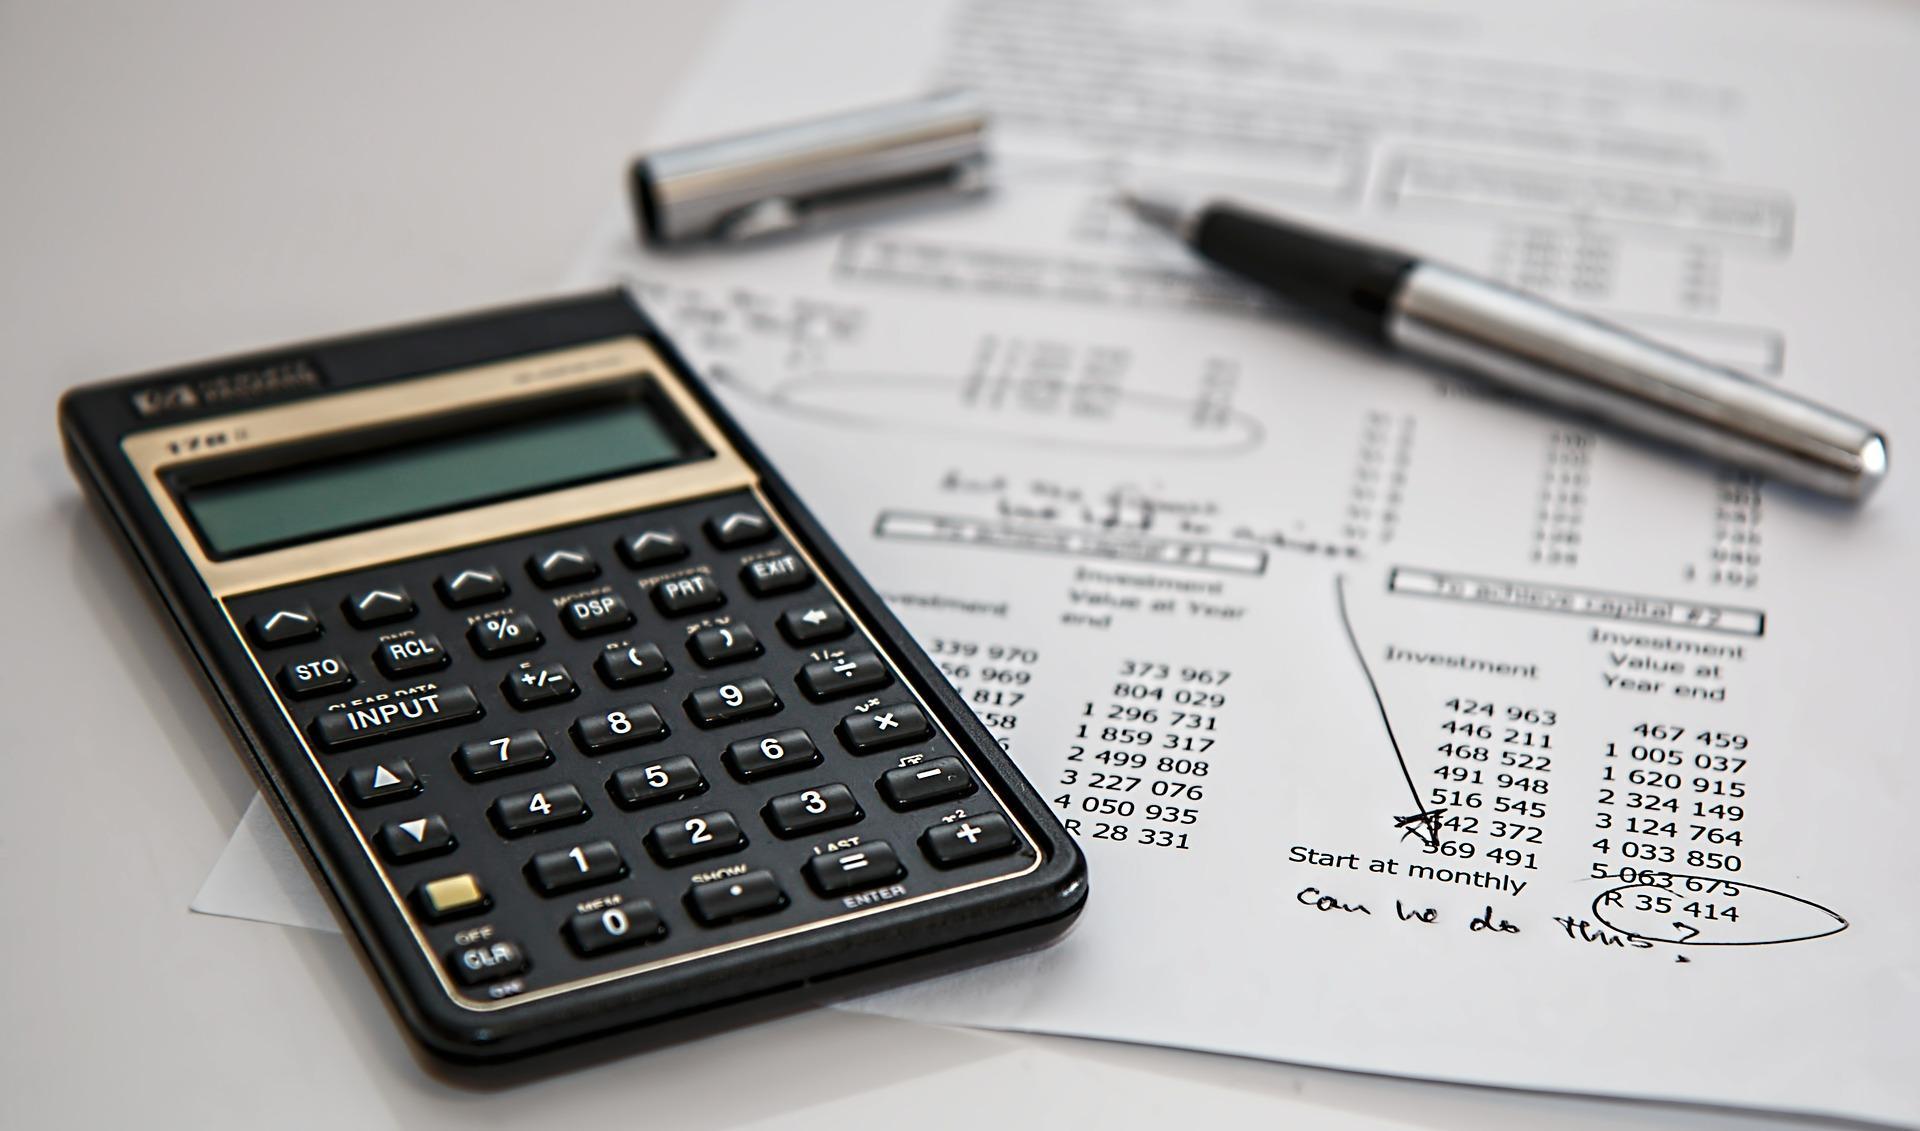 Die Haftung des Steuerberaters einer GbR - und die Einbeziehung der GbR-Gesellschafter in die Schadensberechnung